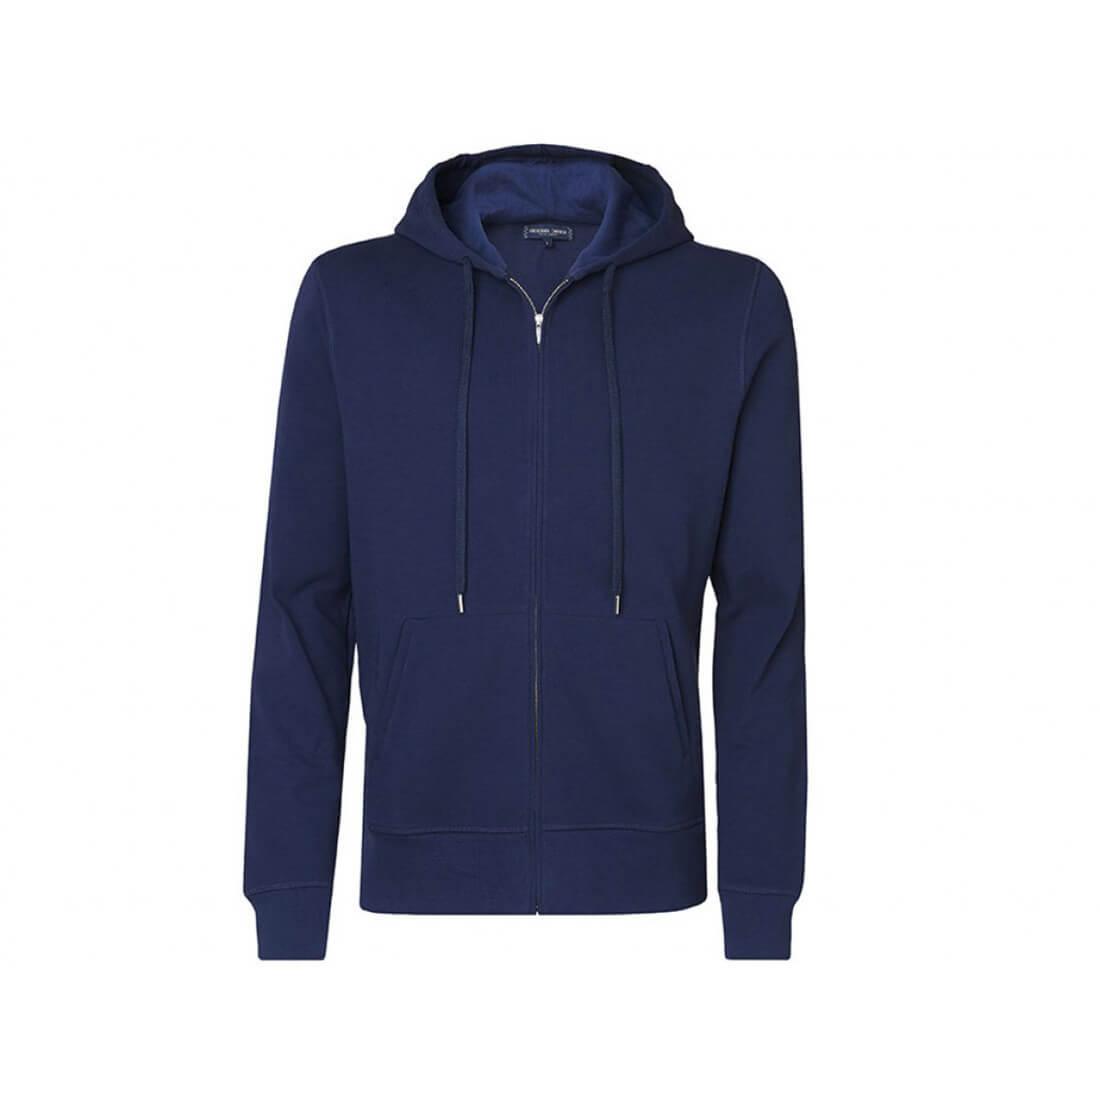 activewear_hoodie_navyblue_1